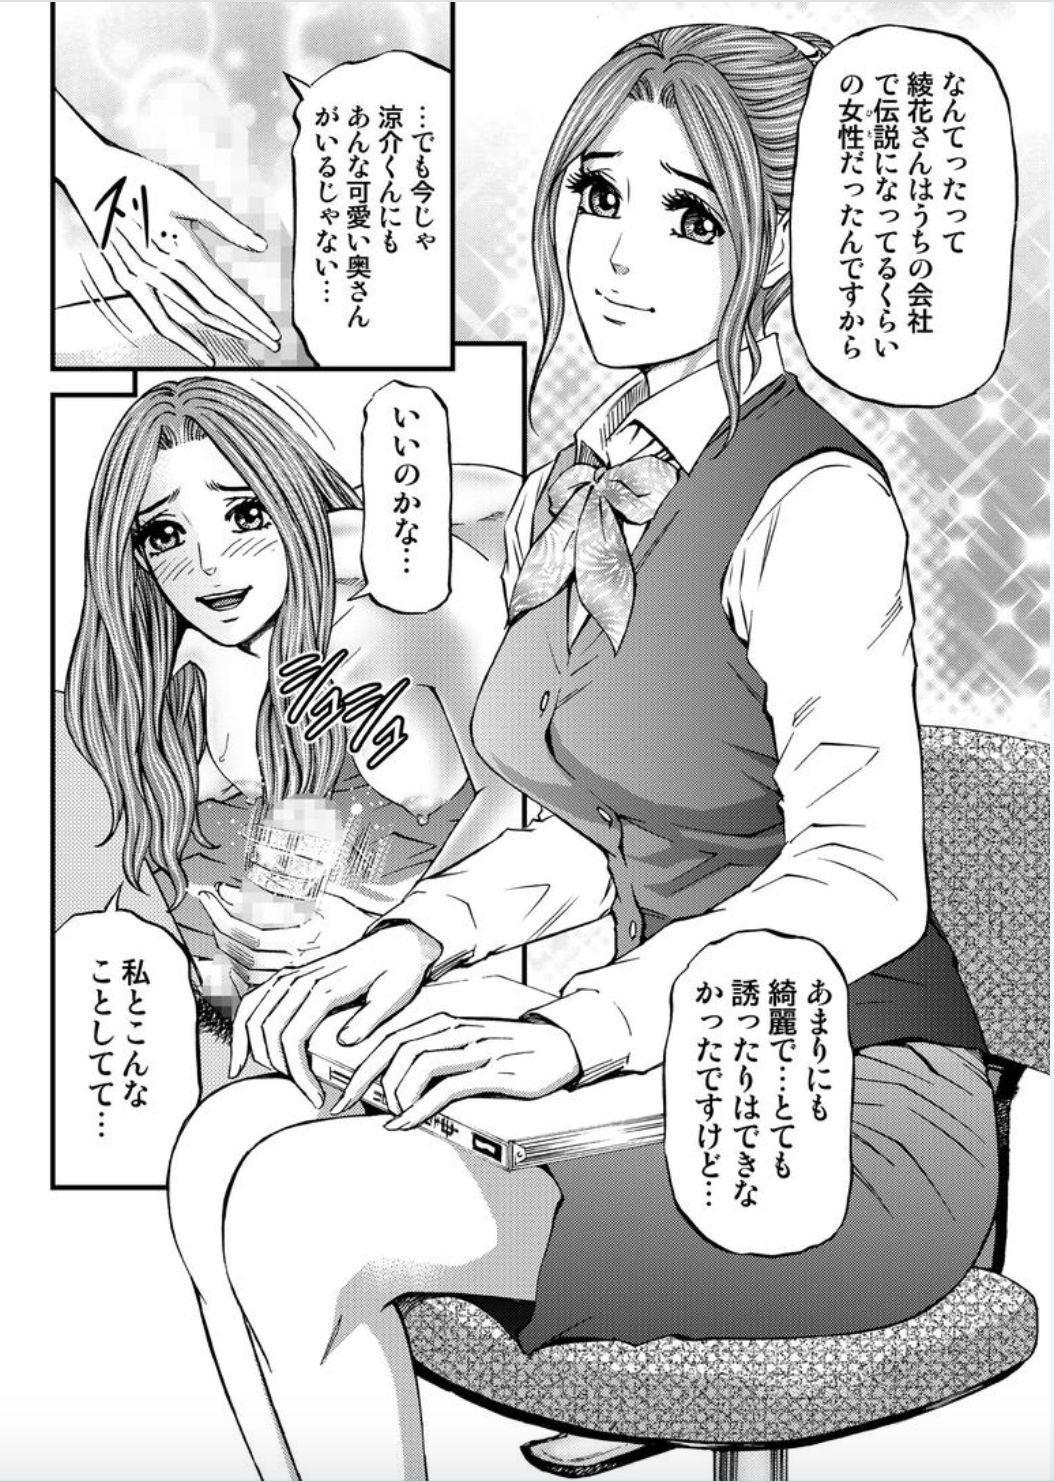 Onna-tachi ga Iku Toki... Ero Drama Vol. 4 Seiya 7